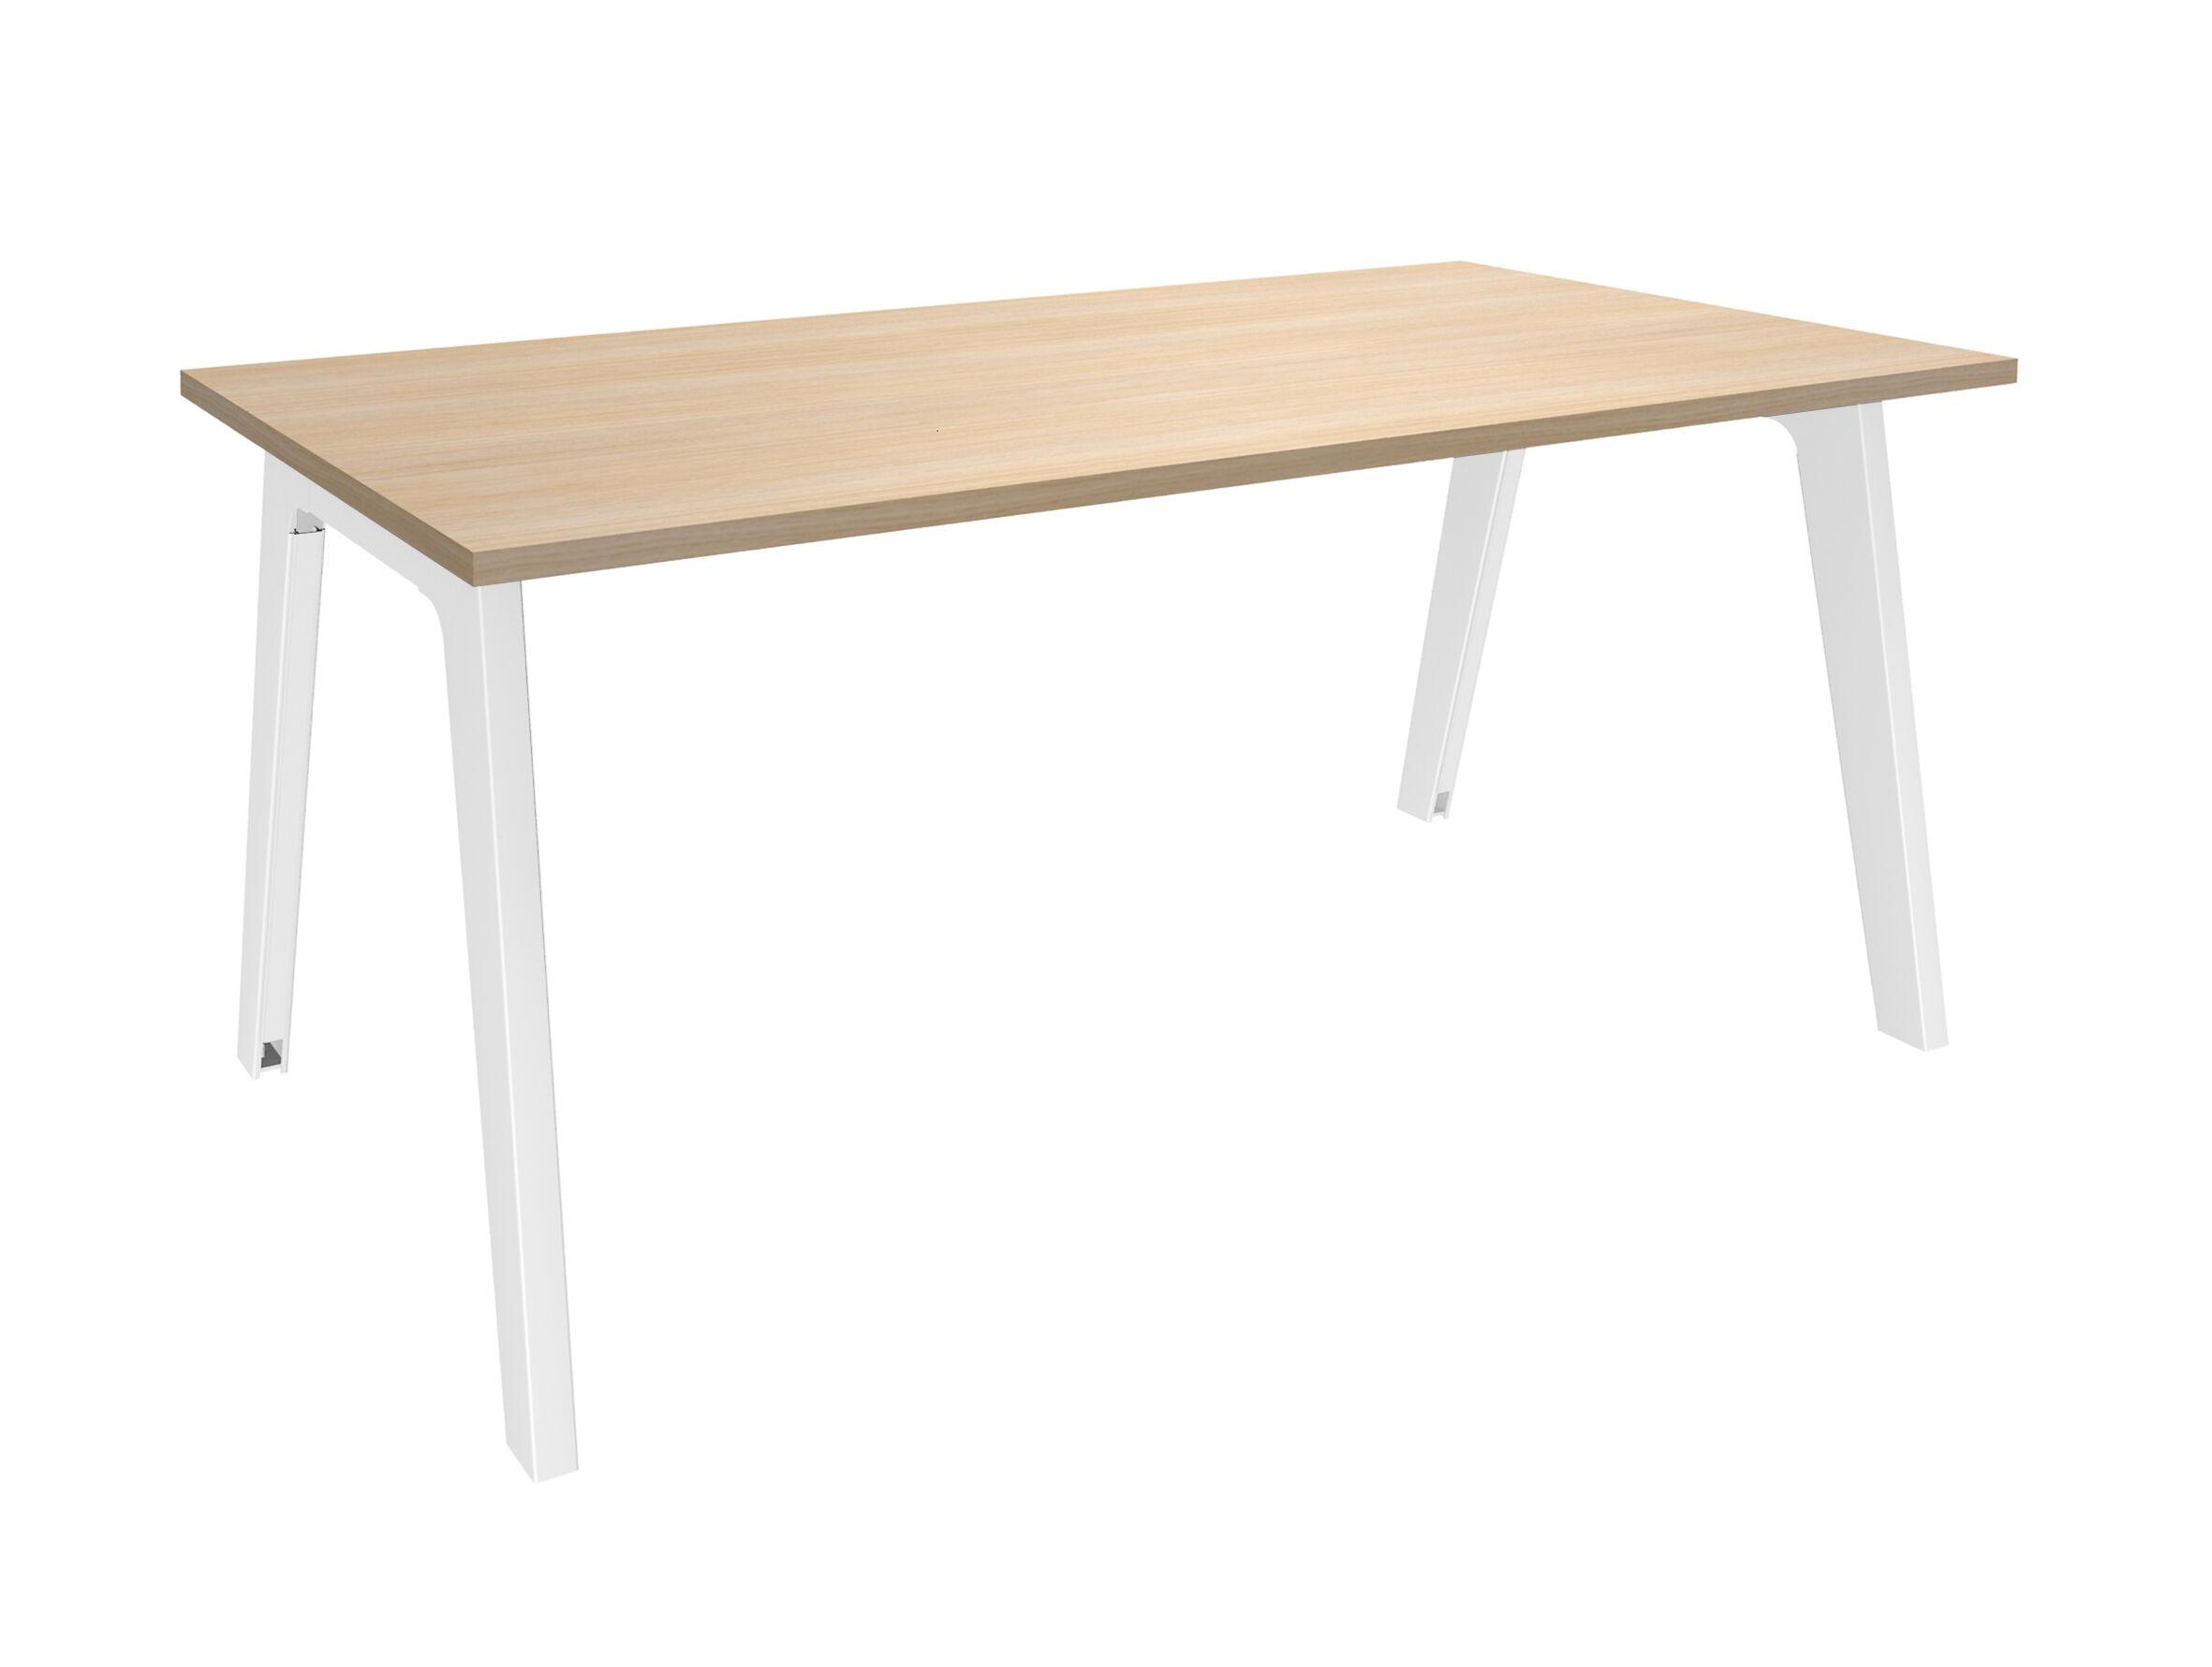 Bureau simple STEELY - L120 cm - Plan de départ - Pieds blanc - plateau imitation Chêne clair